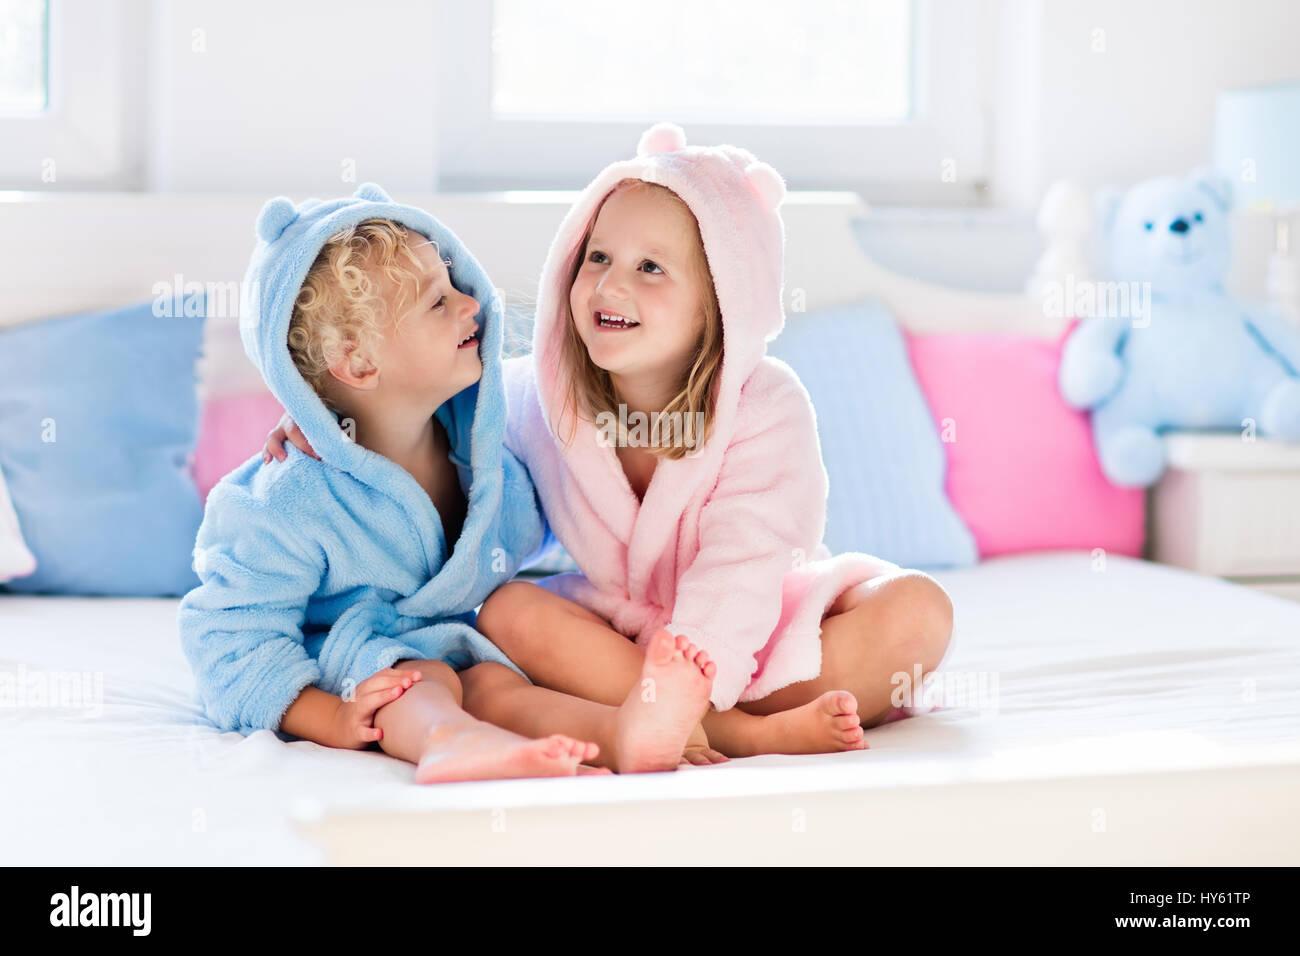 Feliz riendo los ni os ni o y ni a en suave albornoz despu s del ba o juego de cama de color - Albornoz nina ...